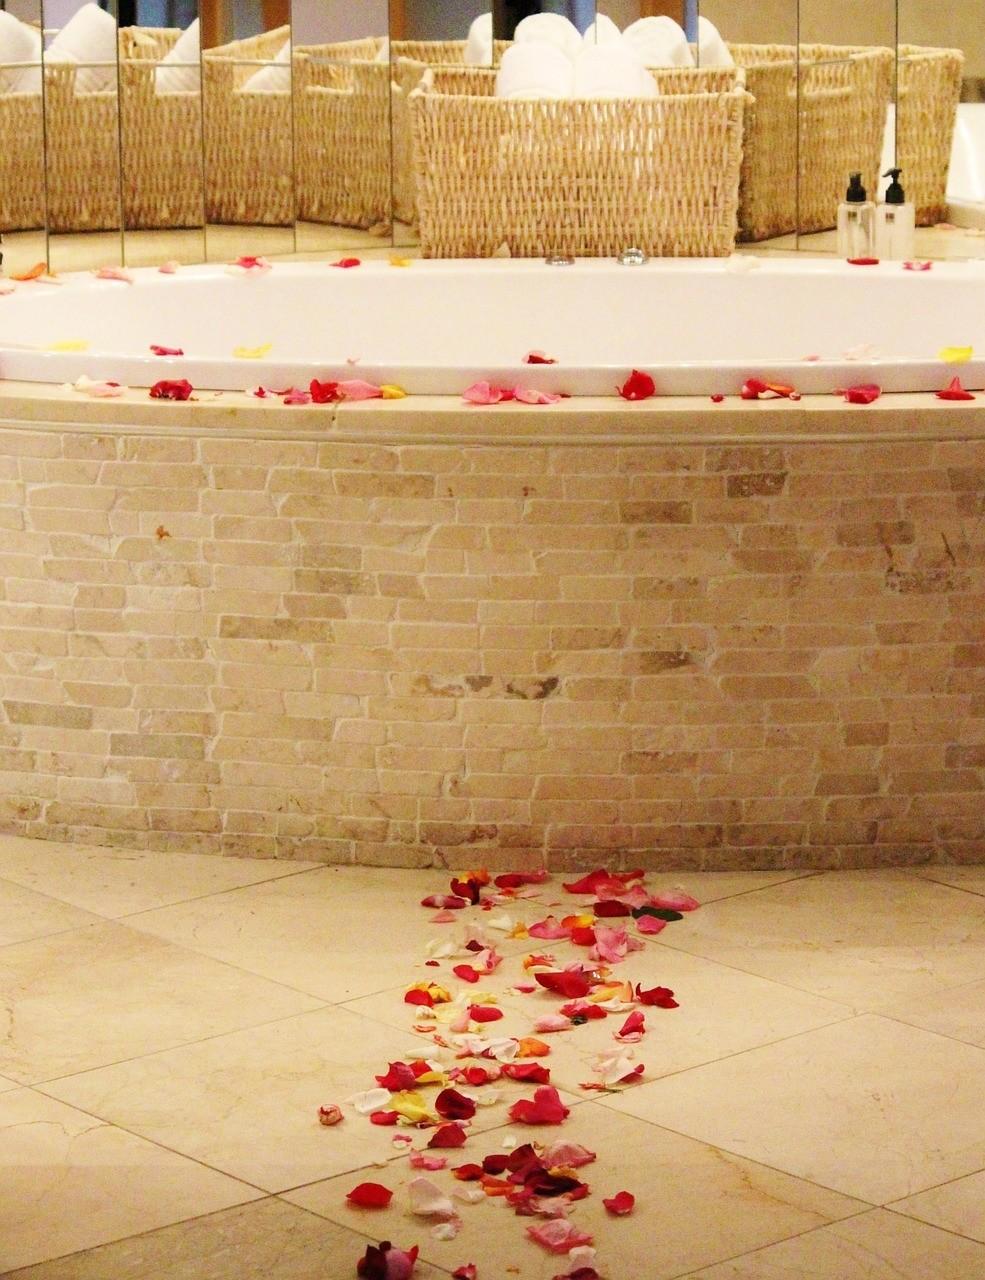 listky ruze - Růže: Královna květin má léčivé i zkrášlující účinky